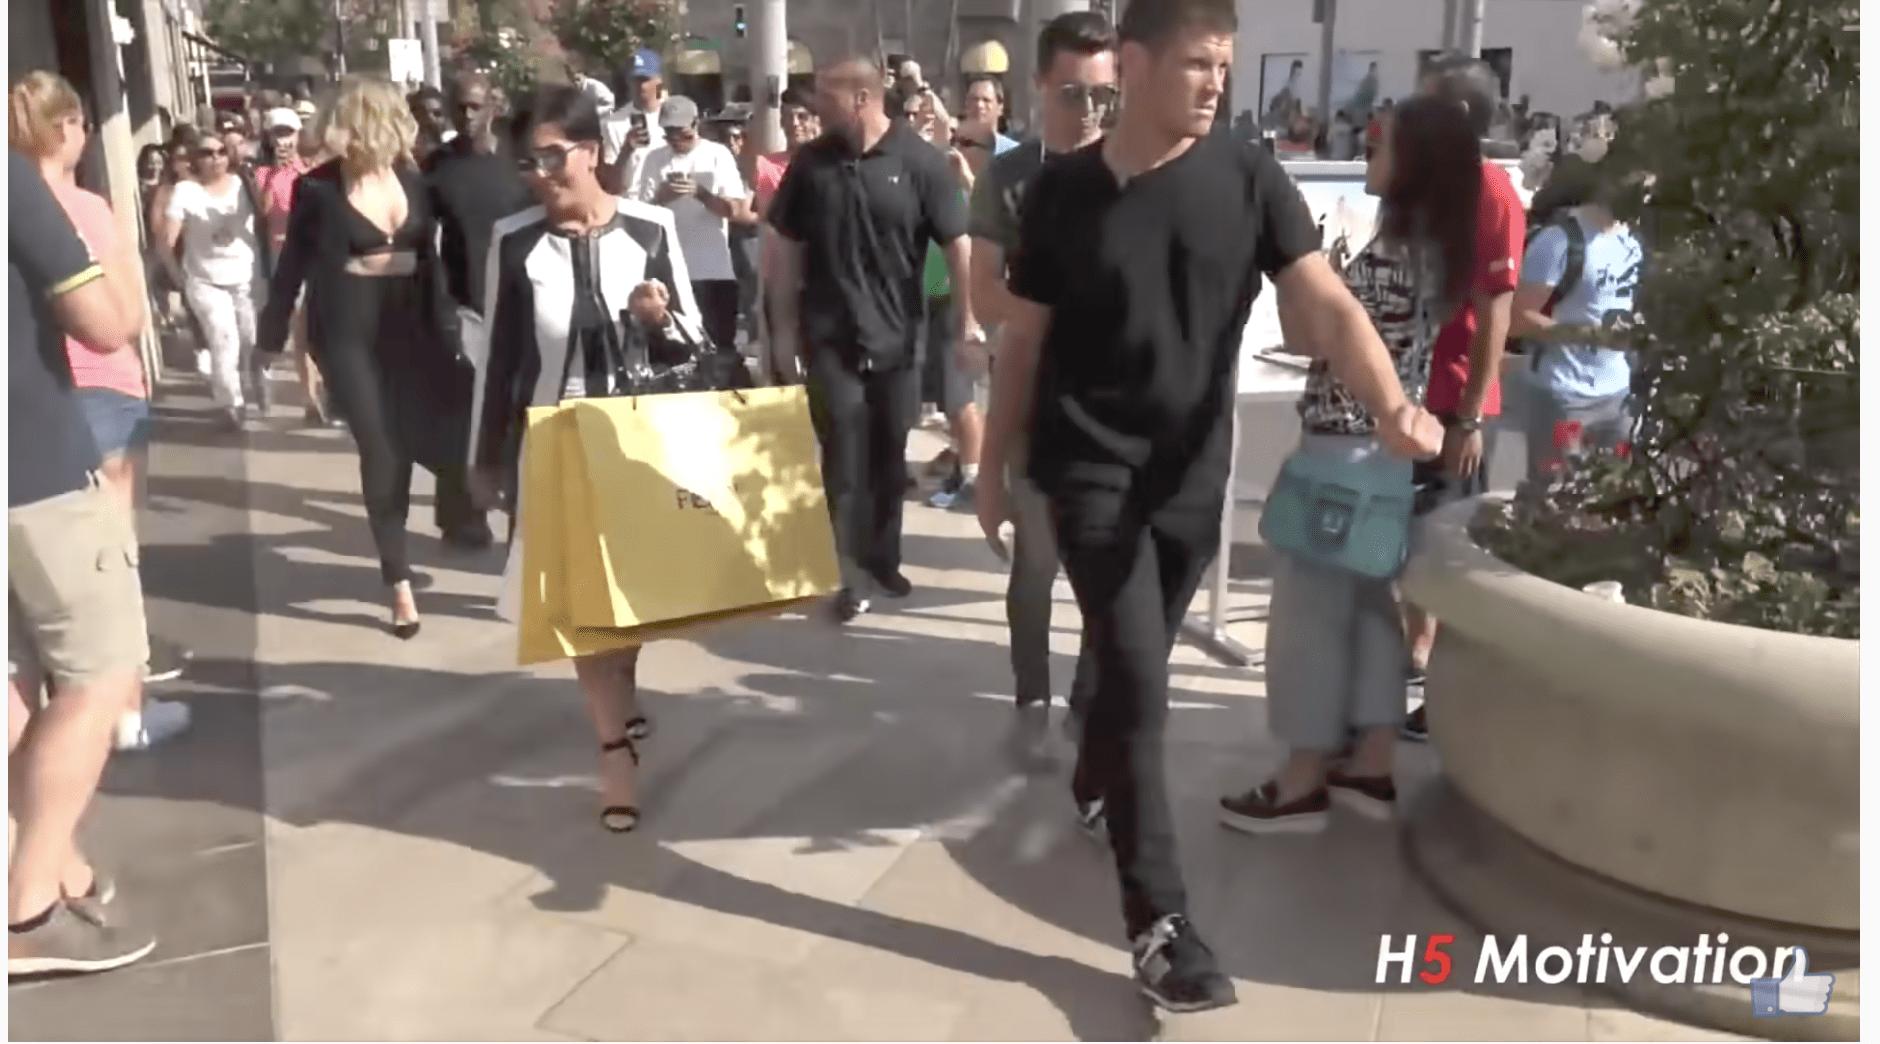 Ce que cache la fin des Kardashian – révélation (video)